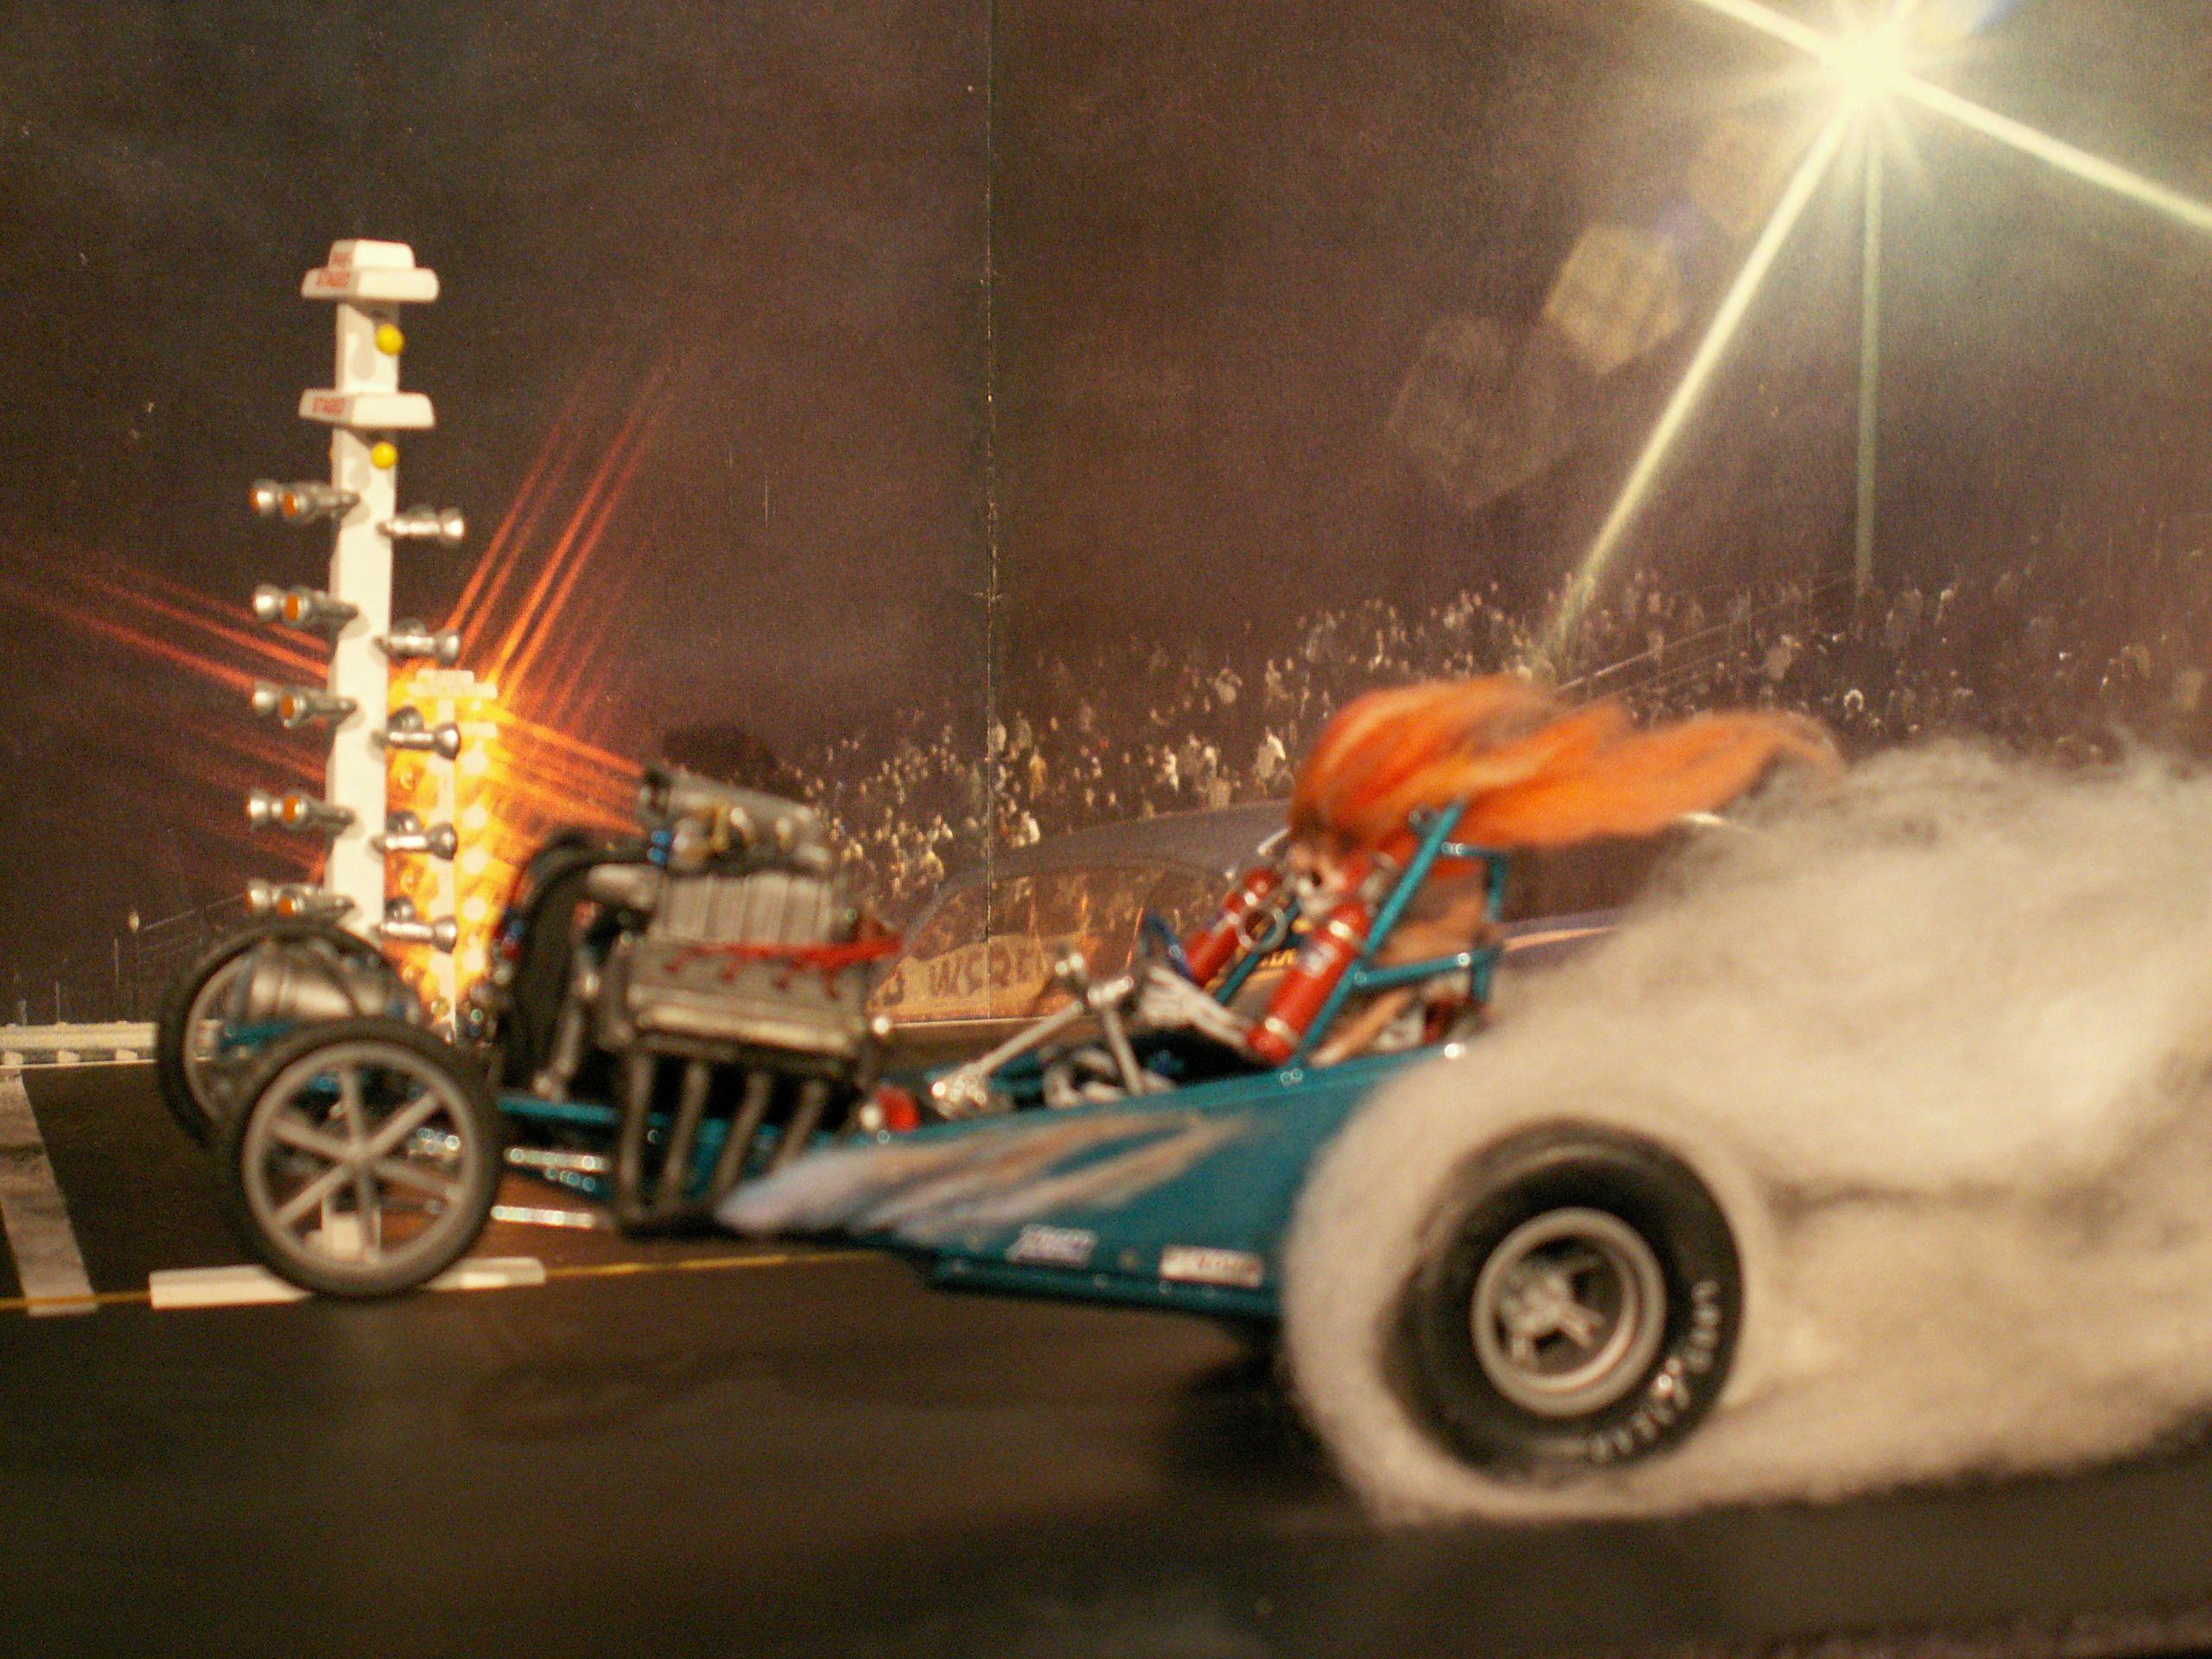 Deathrider Fuel Altered Custom hot wheels, Model hobbies